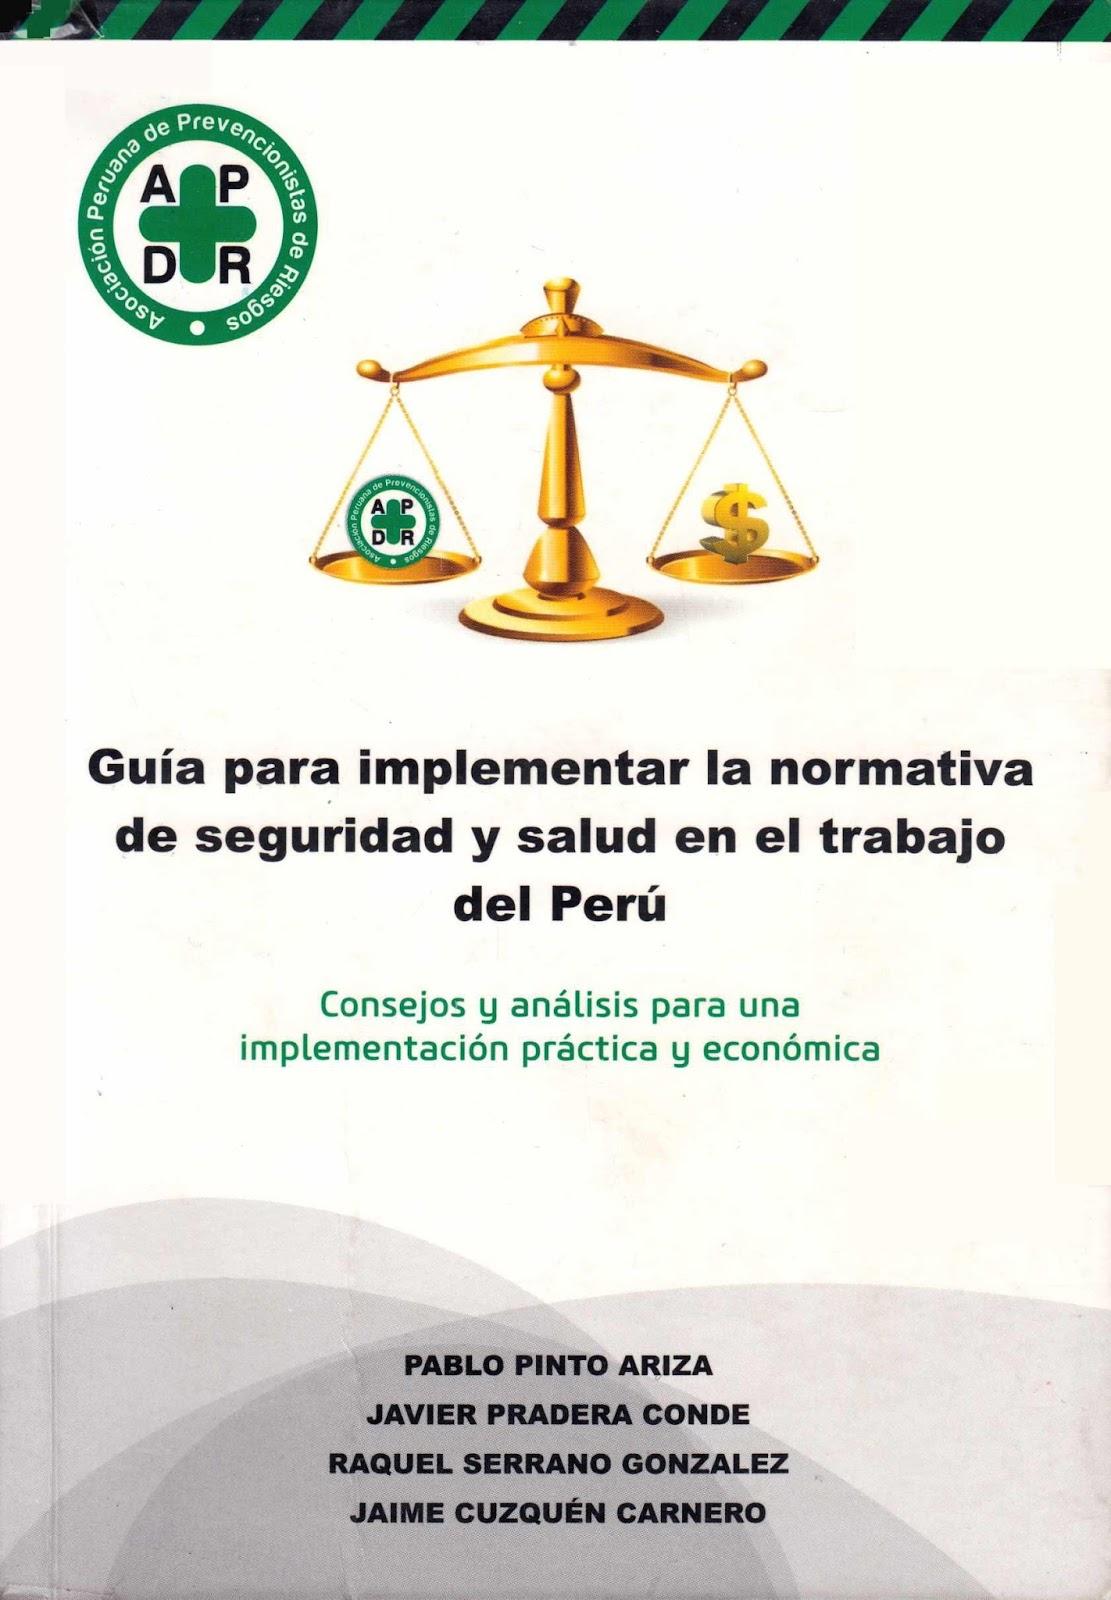 Guía para implementar la normativa de seguridad y salud en el trabajo del Perú – Pablo Pinto Ariza